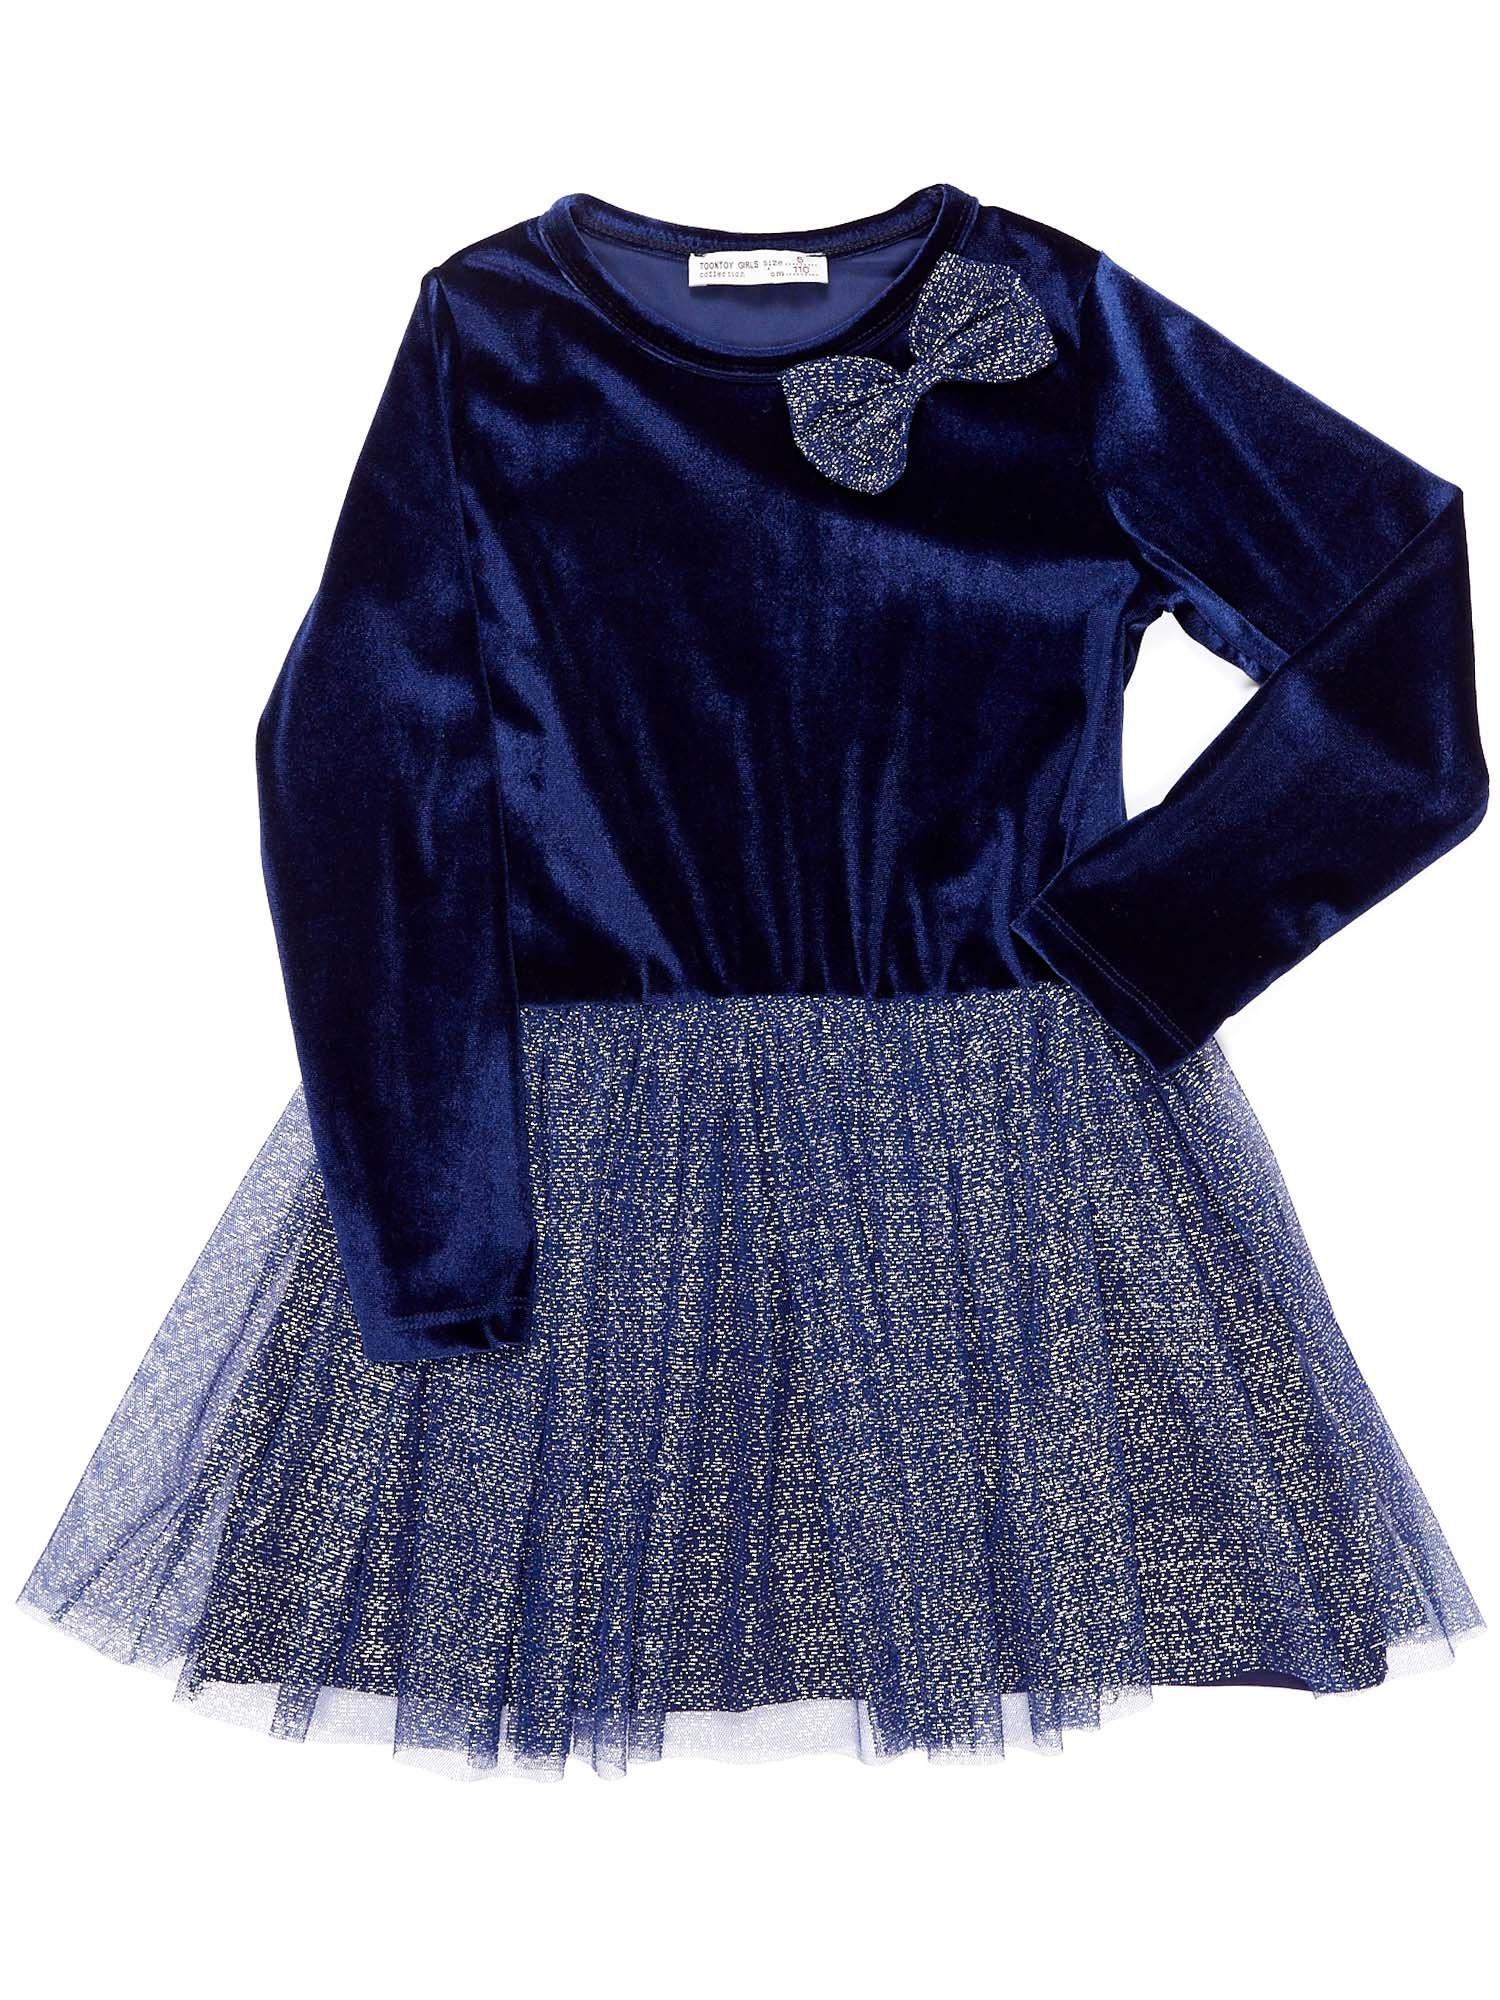 0750dc6a86 Czerwona aksamitna sukienka dla dziewczynki - Dziecko Dziewczynka - sklep  eButik.pl